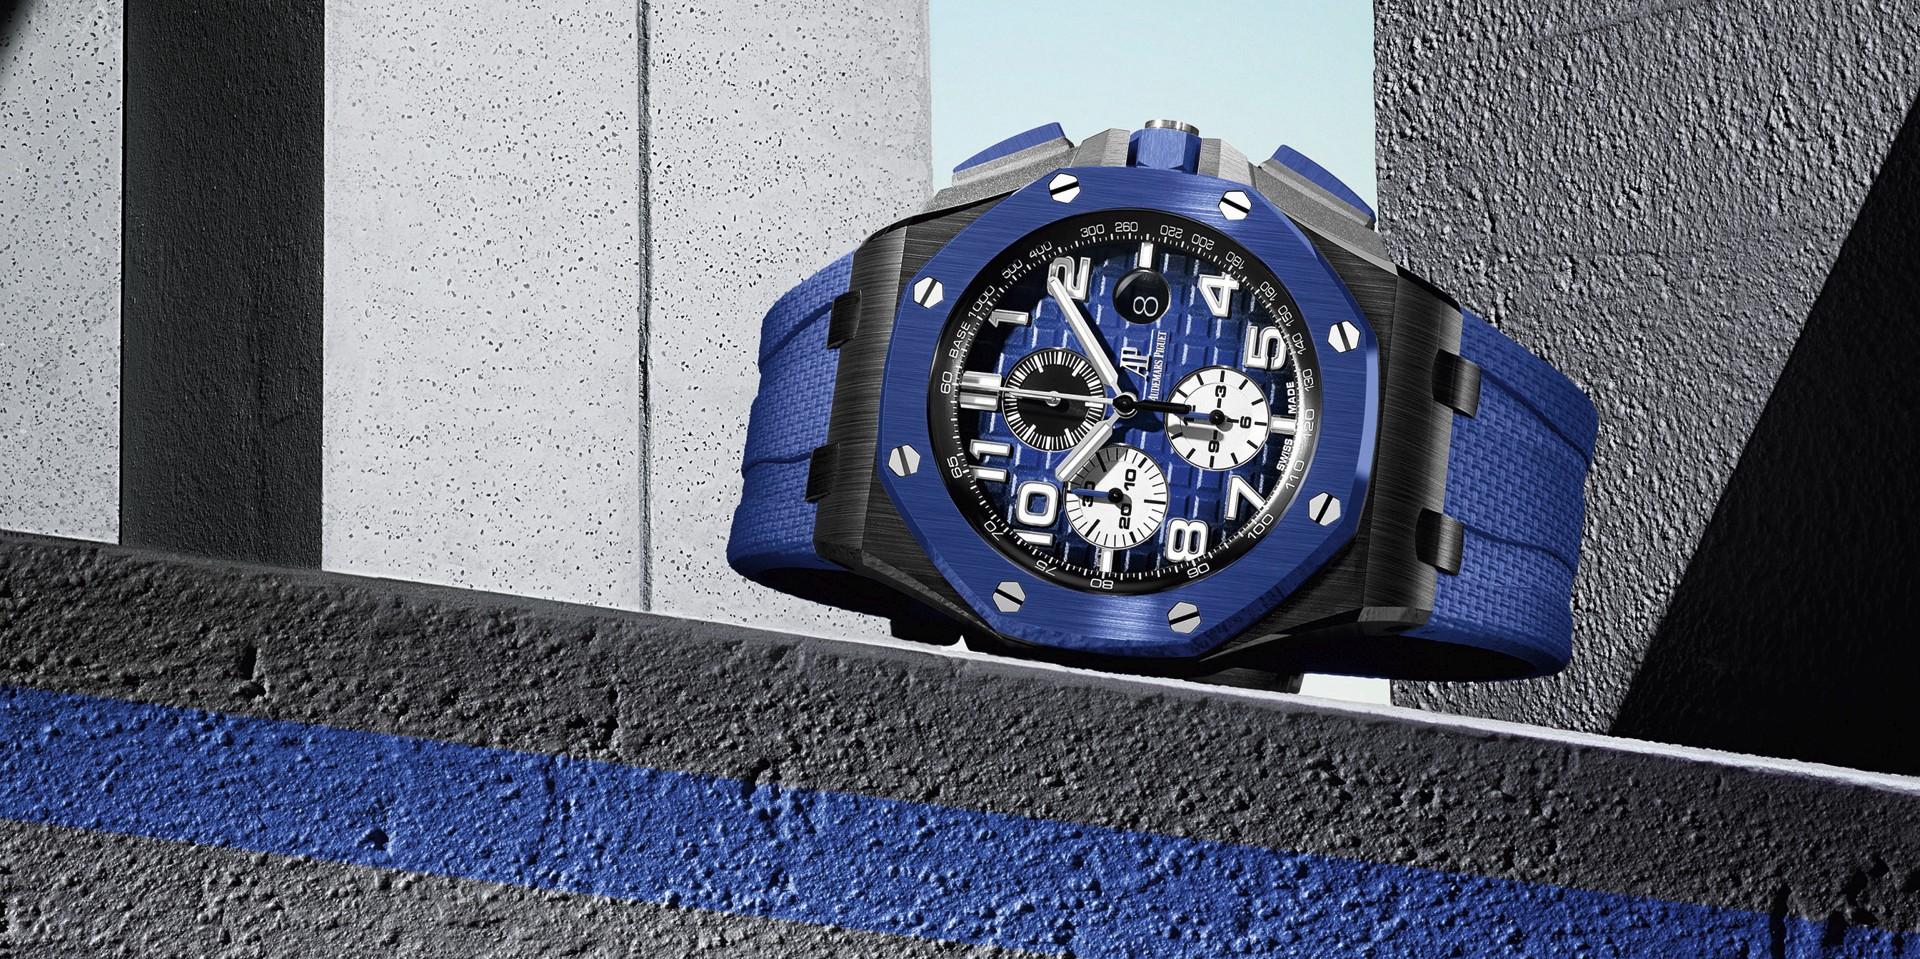 【2020線上錶展】愛彼推出三款全新皇家橡樹系列離岸型自動上鍊計時腕錶 (附建議售價)